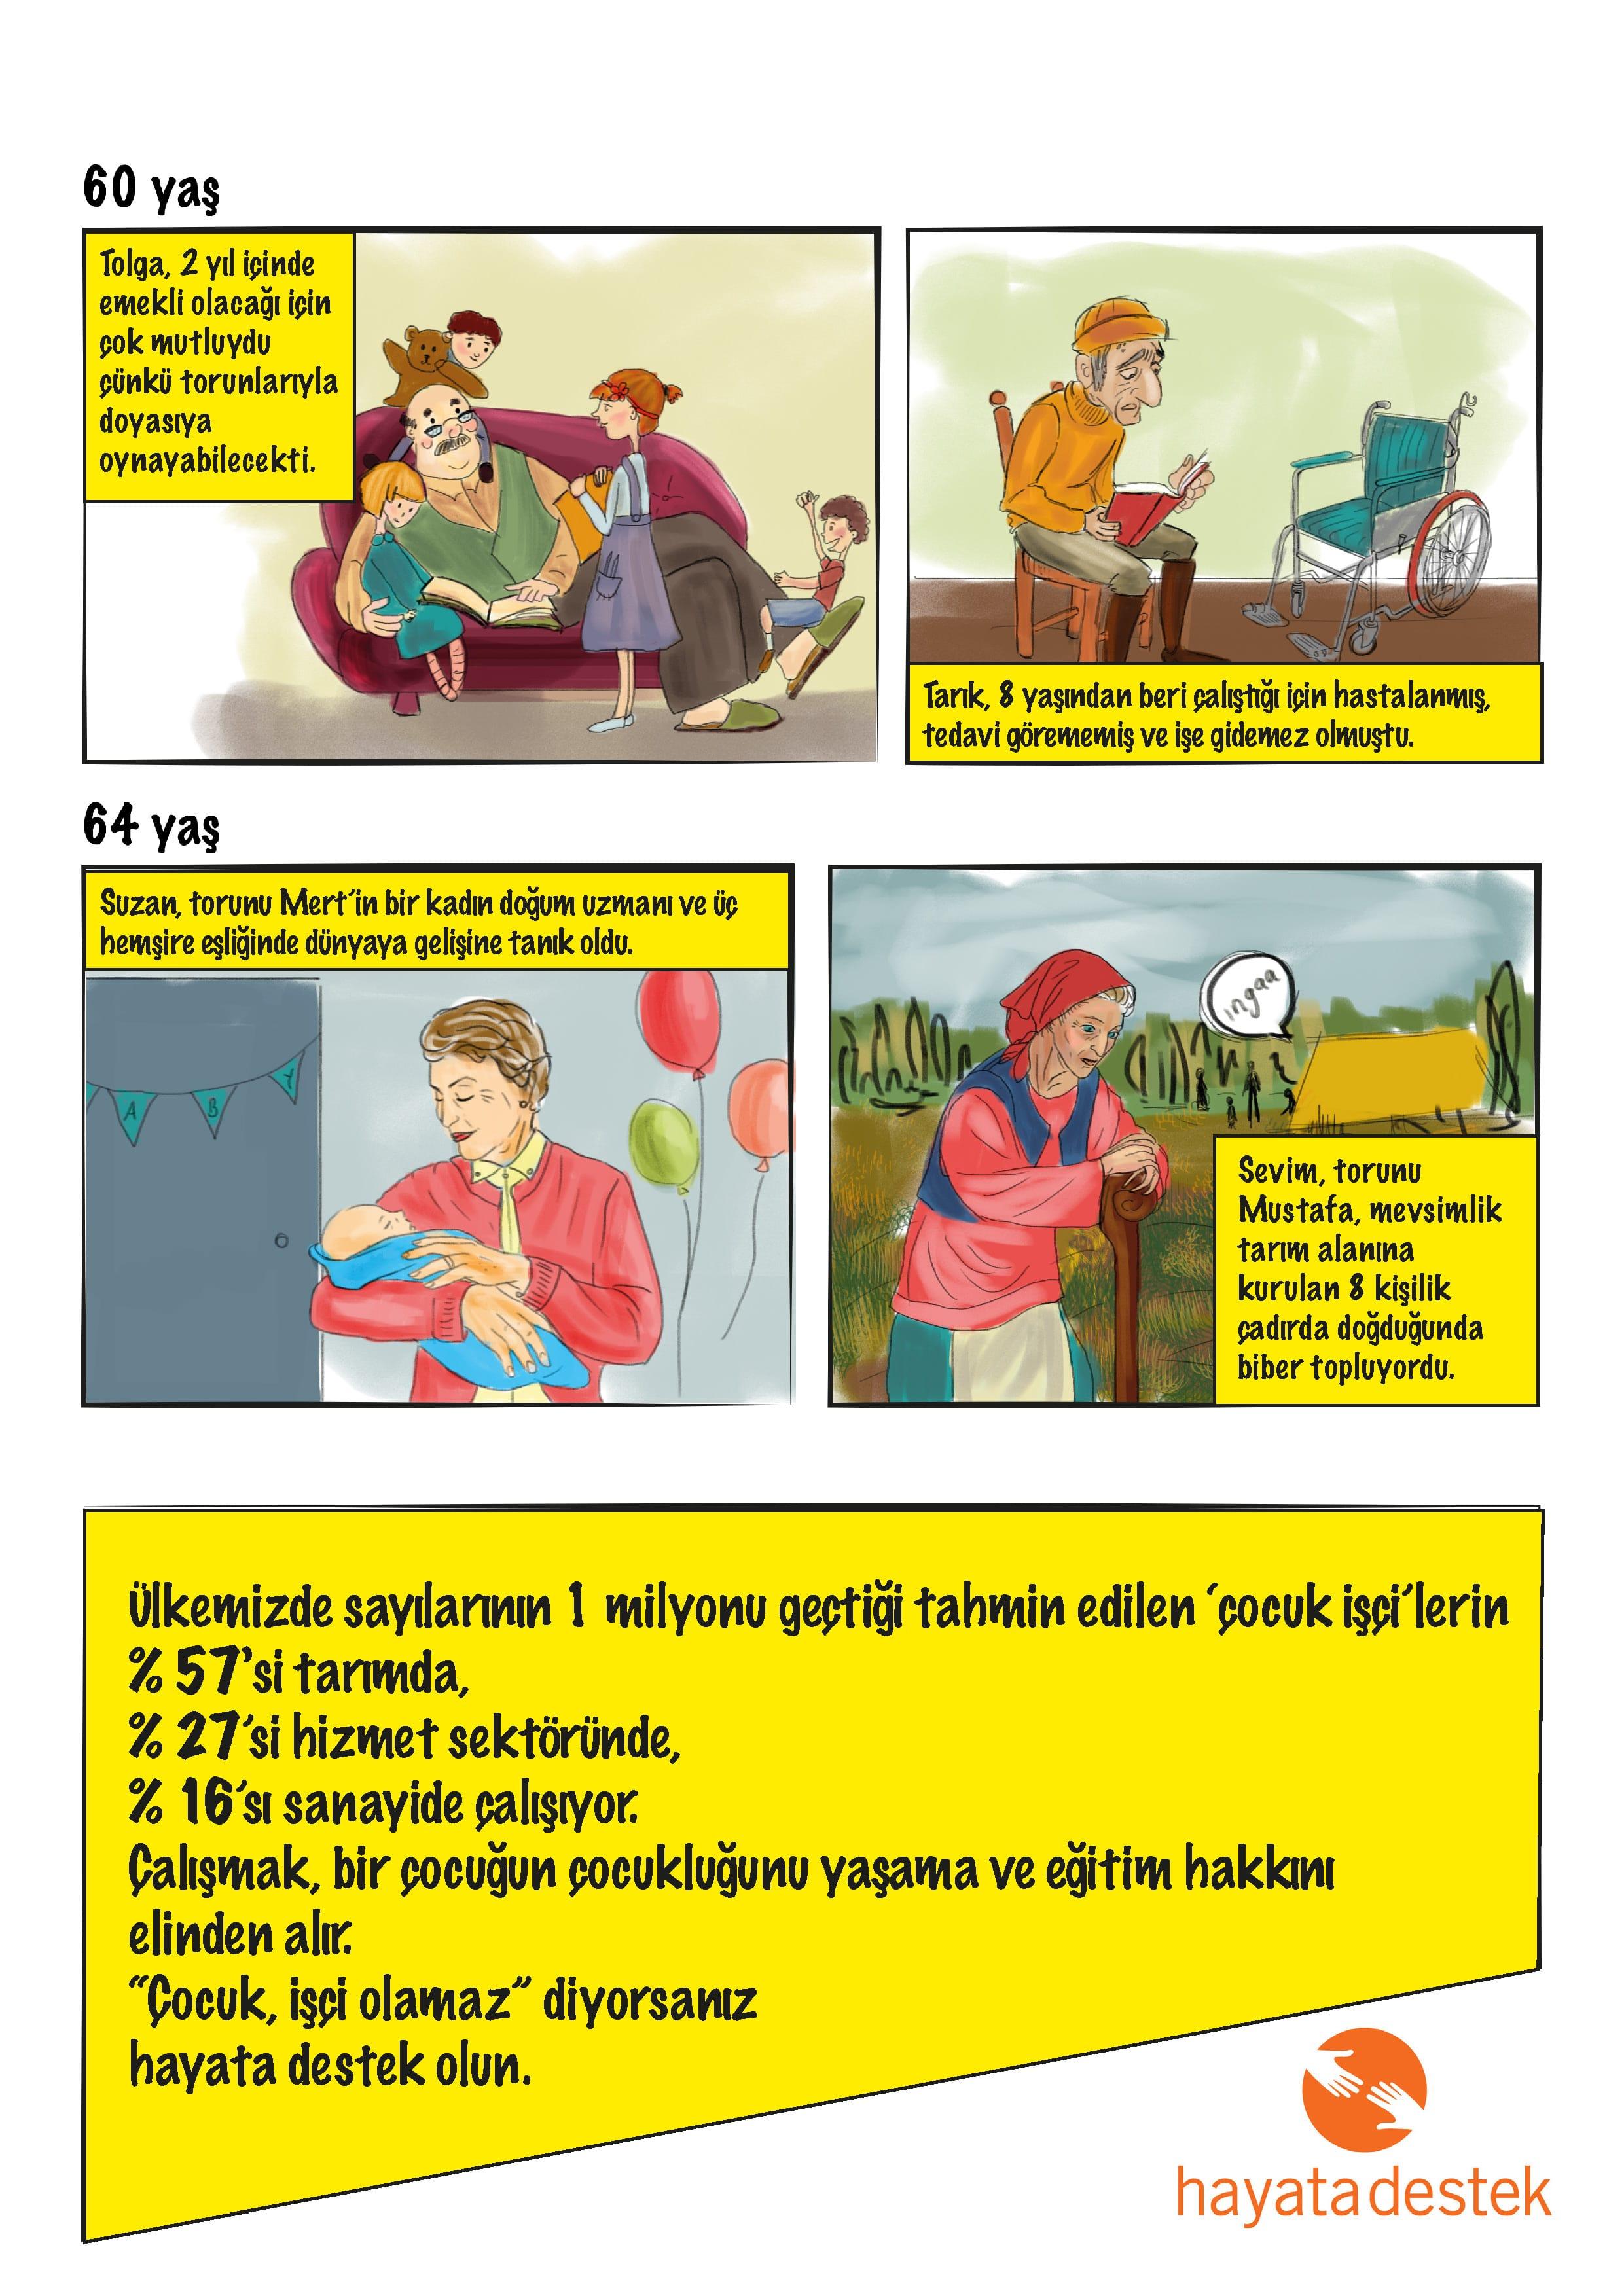 hayatadestek_cocuk_isci_olamaz_sayfa_4